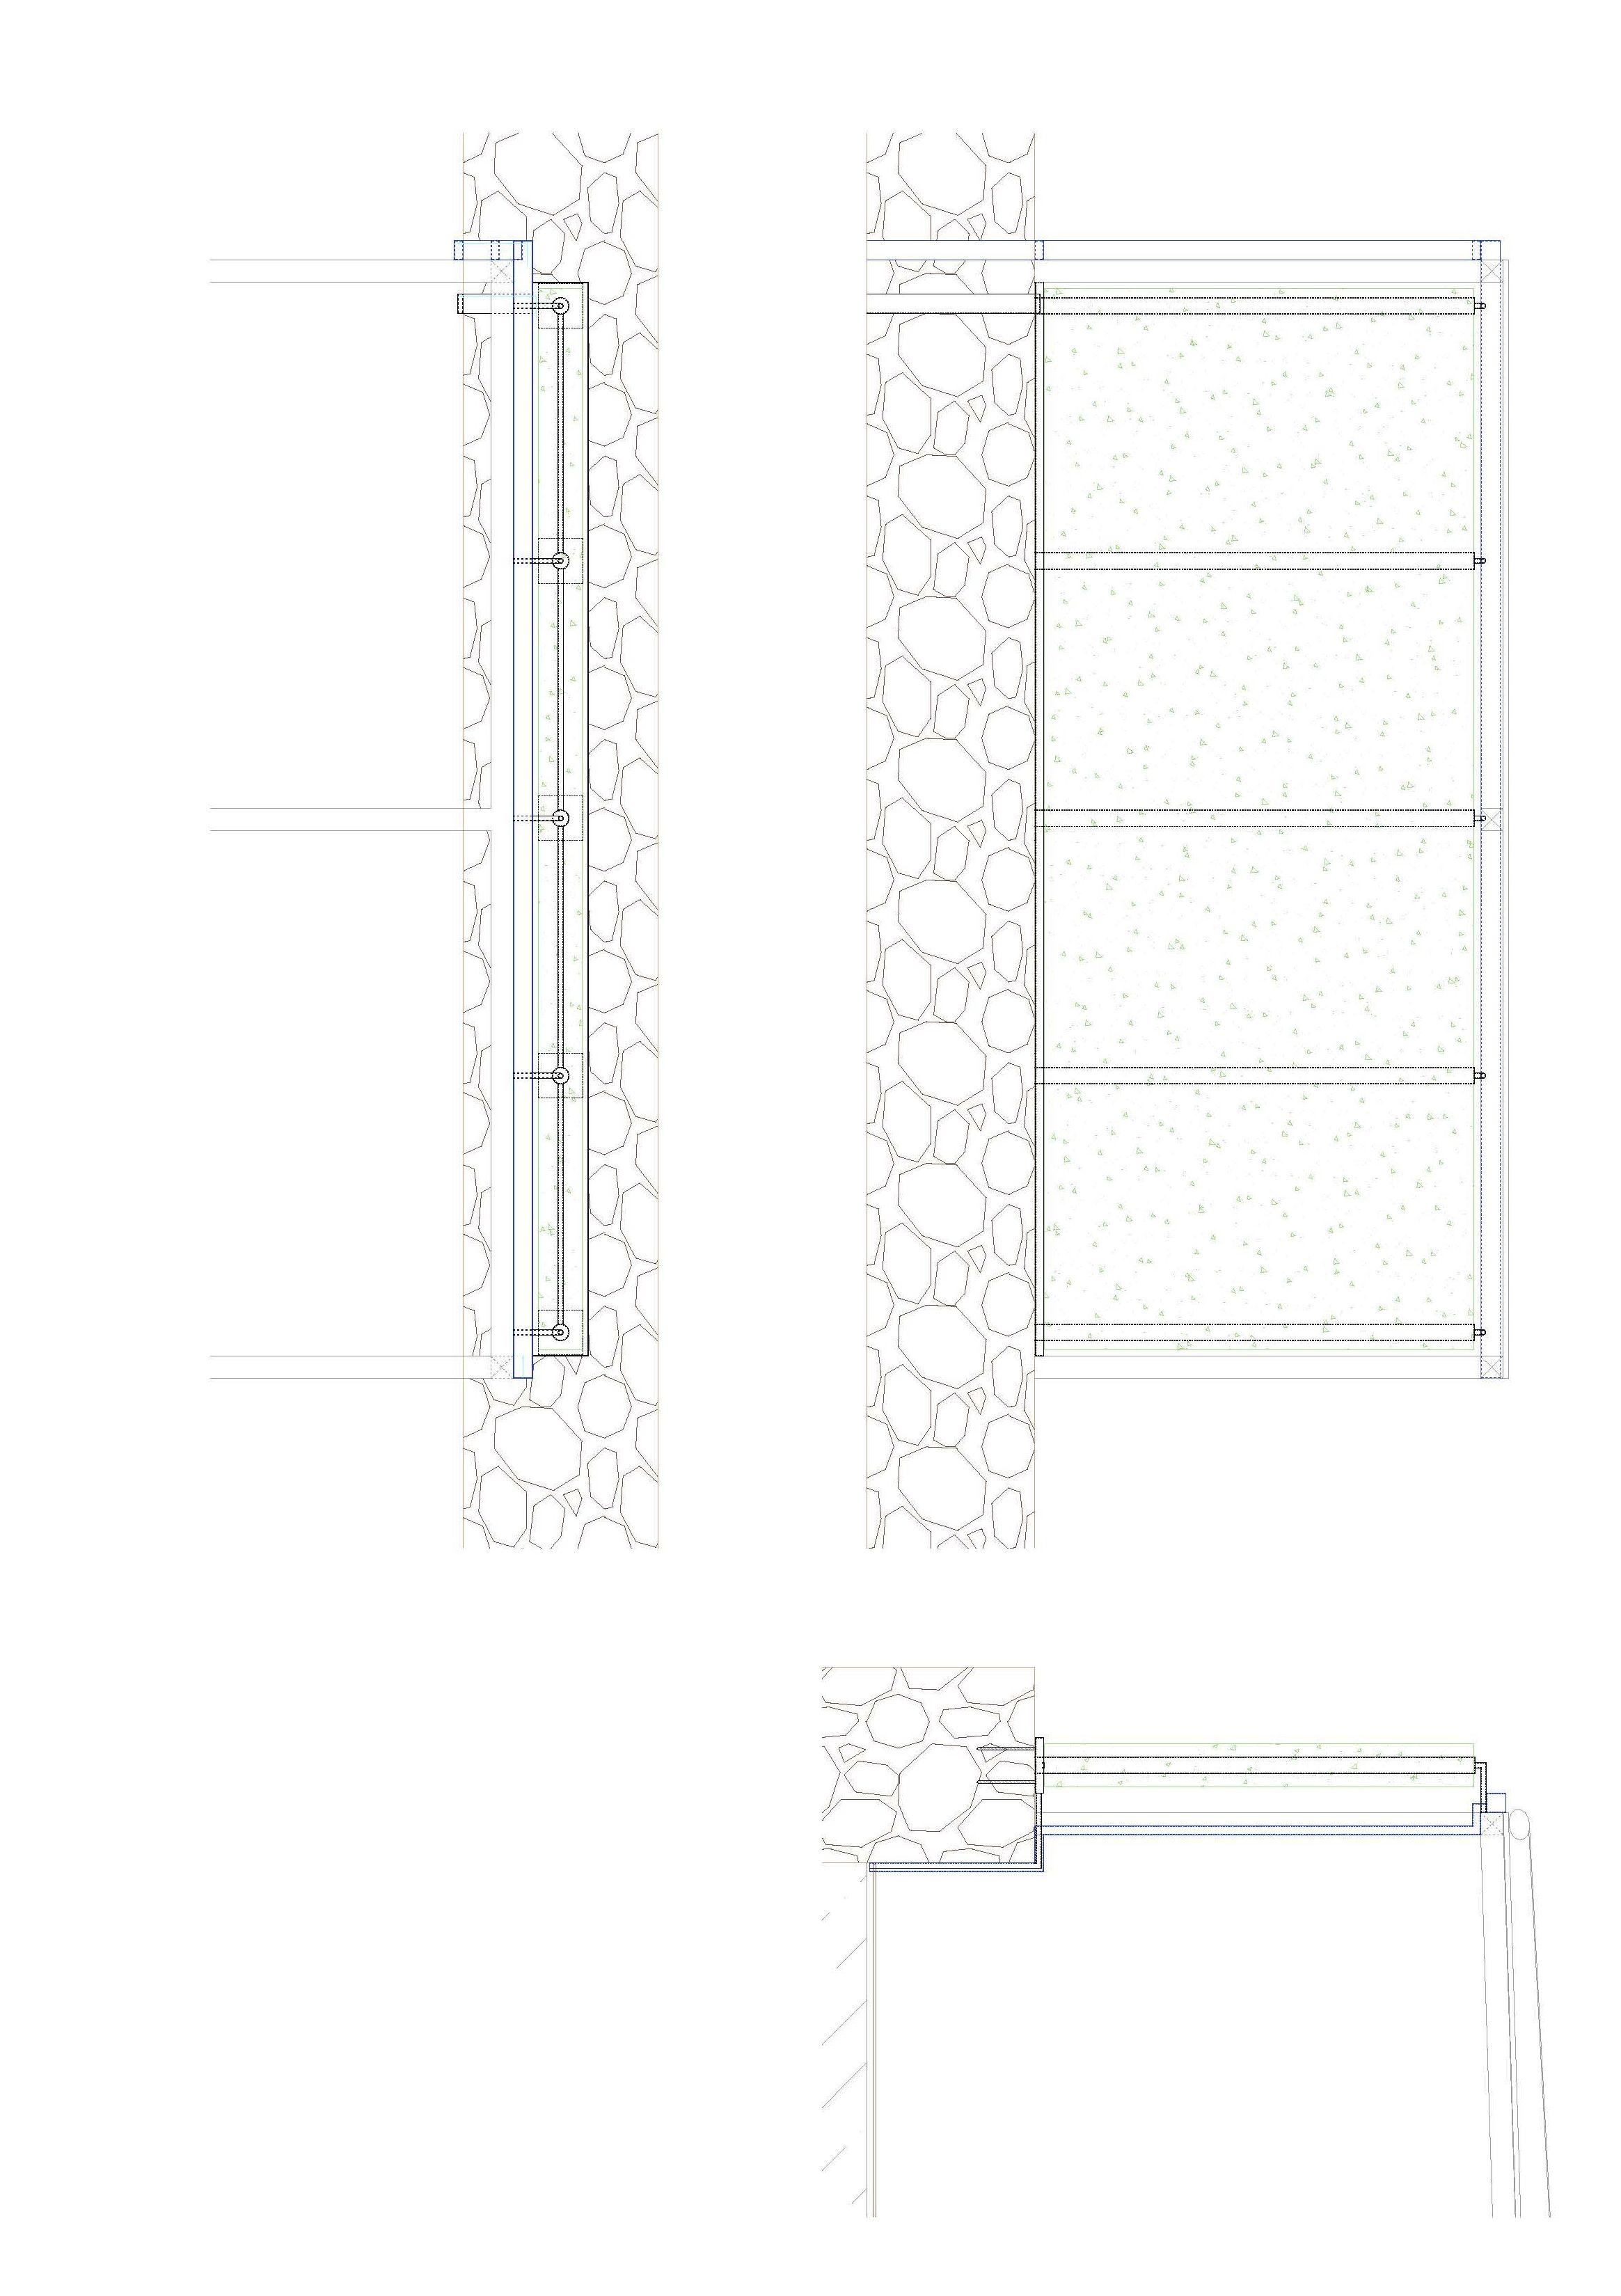 plano de estructura de jardn vertical